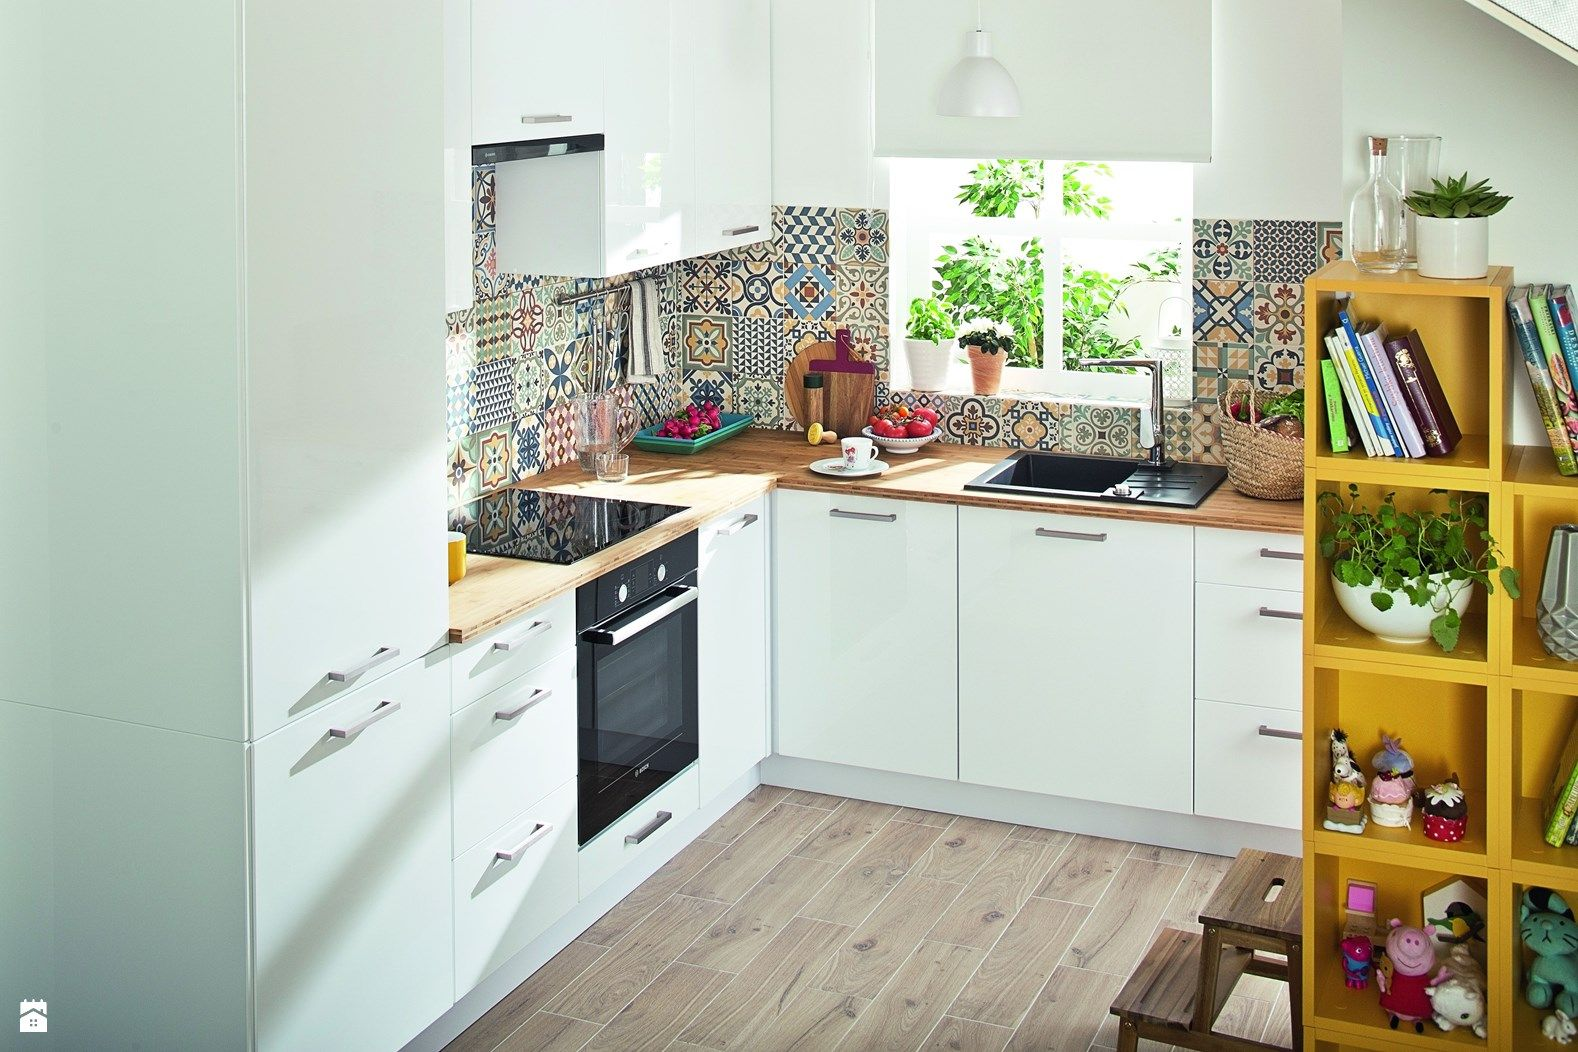 Kuchnia Styl Skandynawski Zdjęcie Od Castorama Fajne Kafelki I